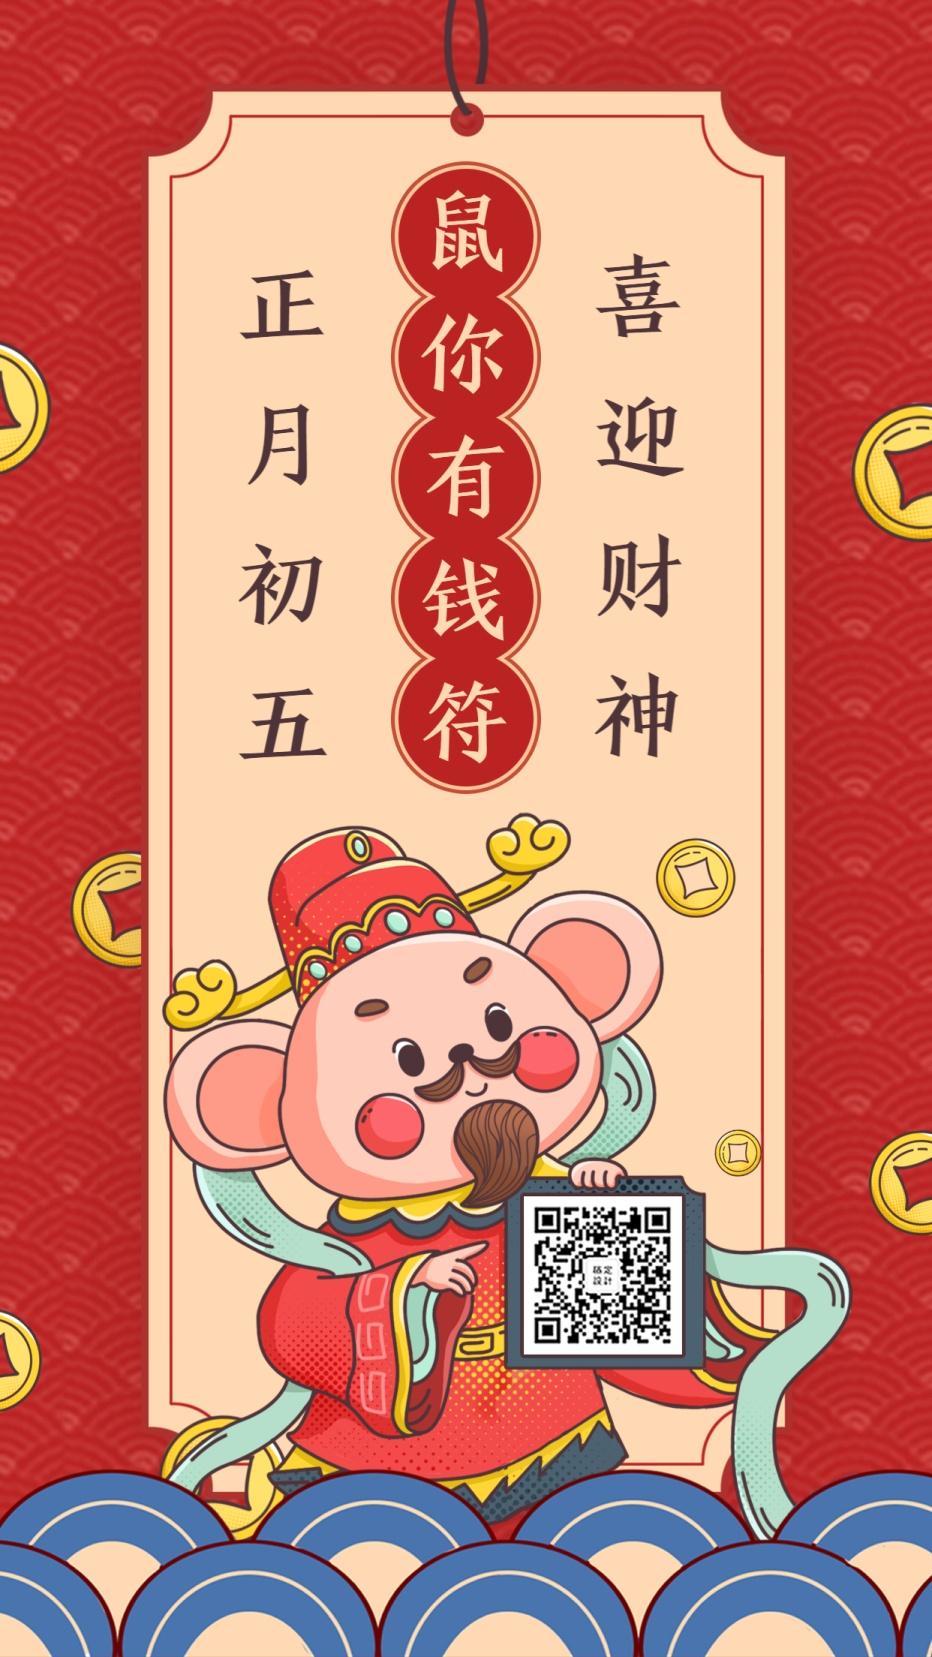 鼠年新春正月初五迎财神手机海报